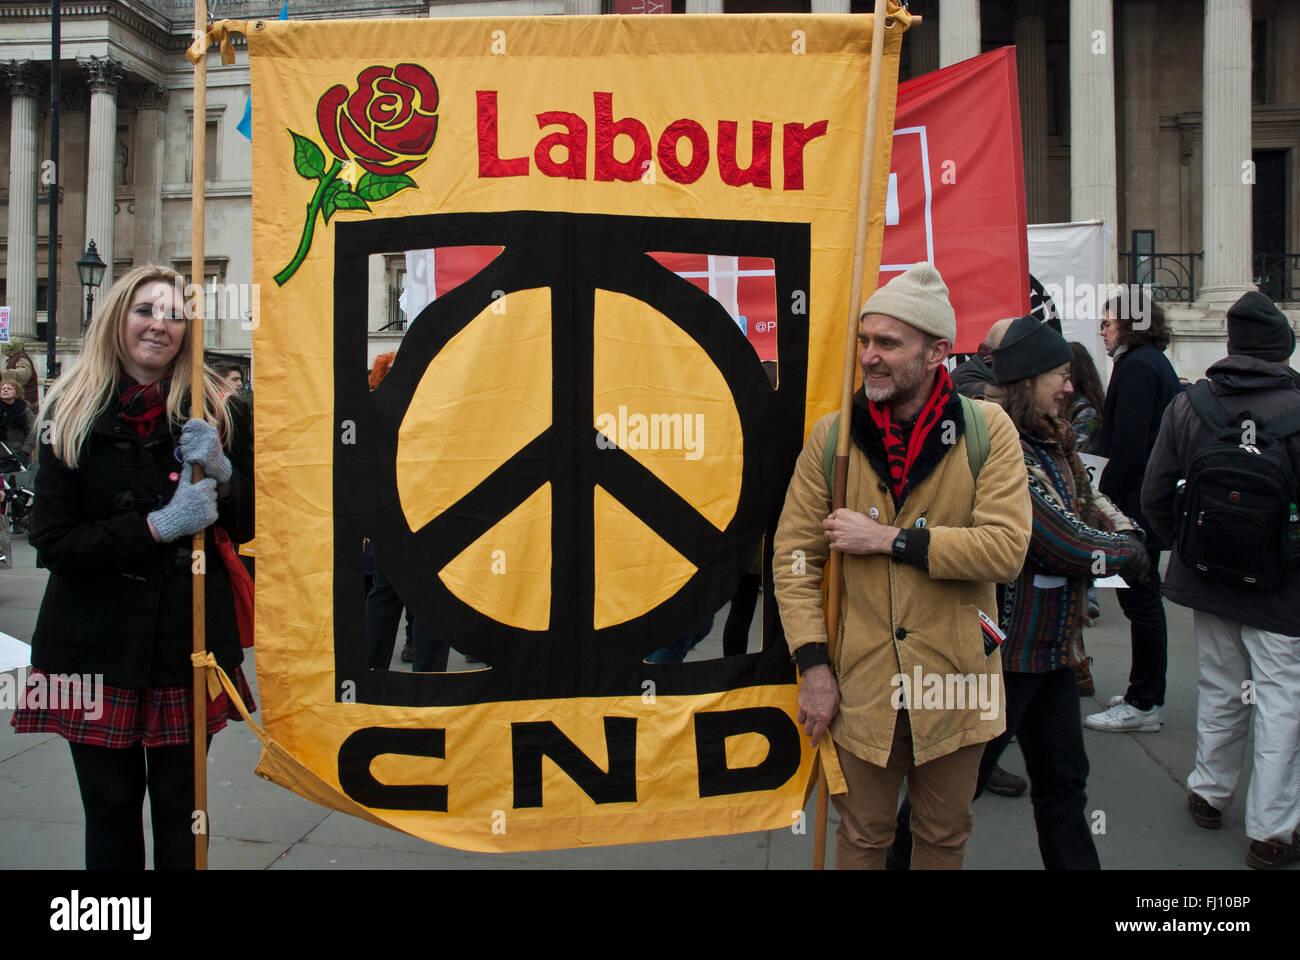 Grande bannière reliant 'travail' et 'can' avec le symbole de la CND en cours au trident anti Photo Stock